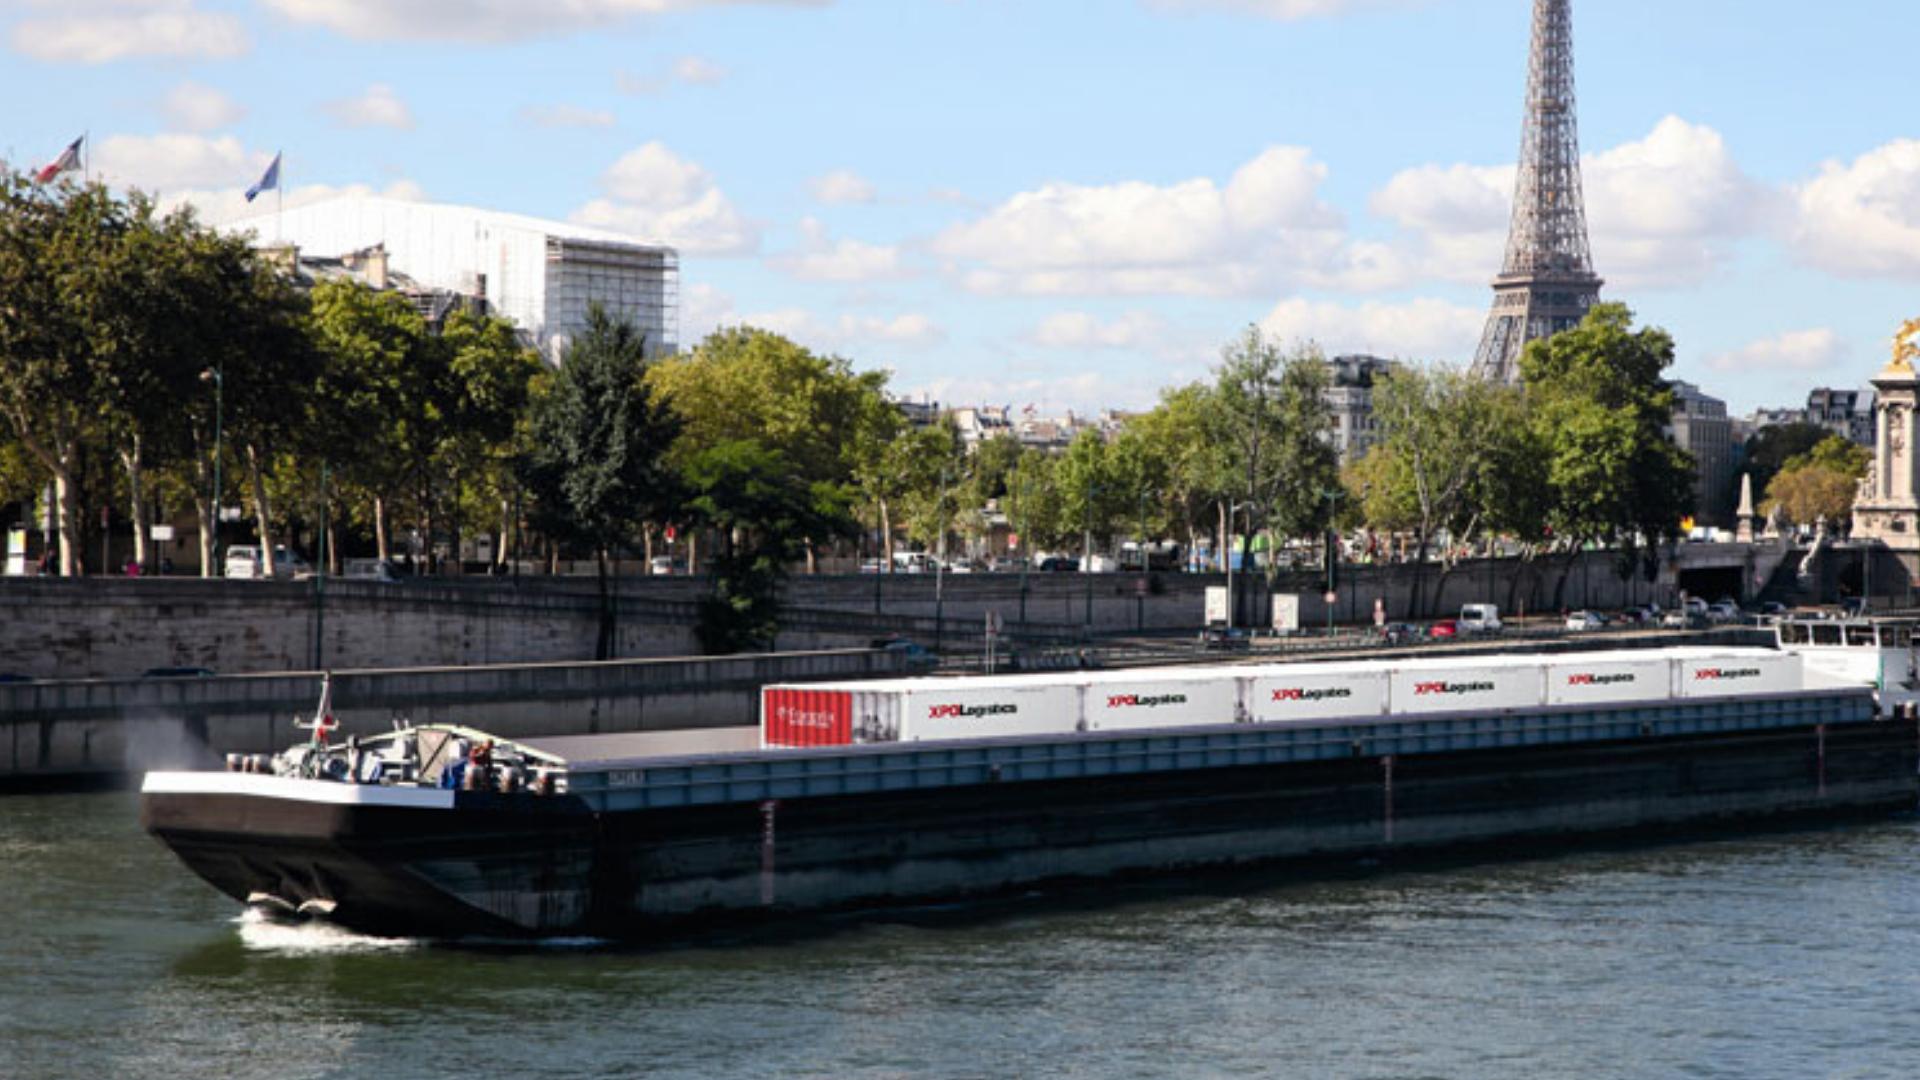 Multimodal river transport